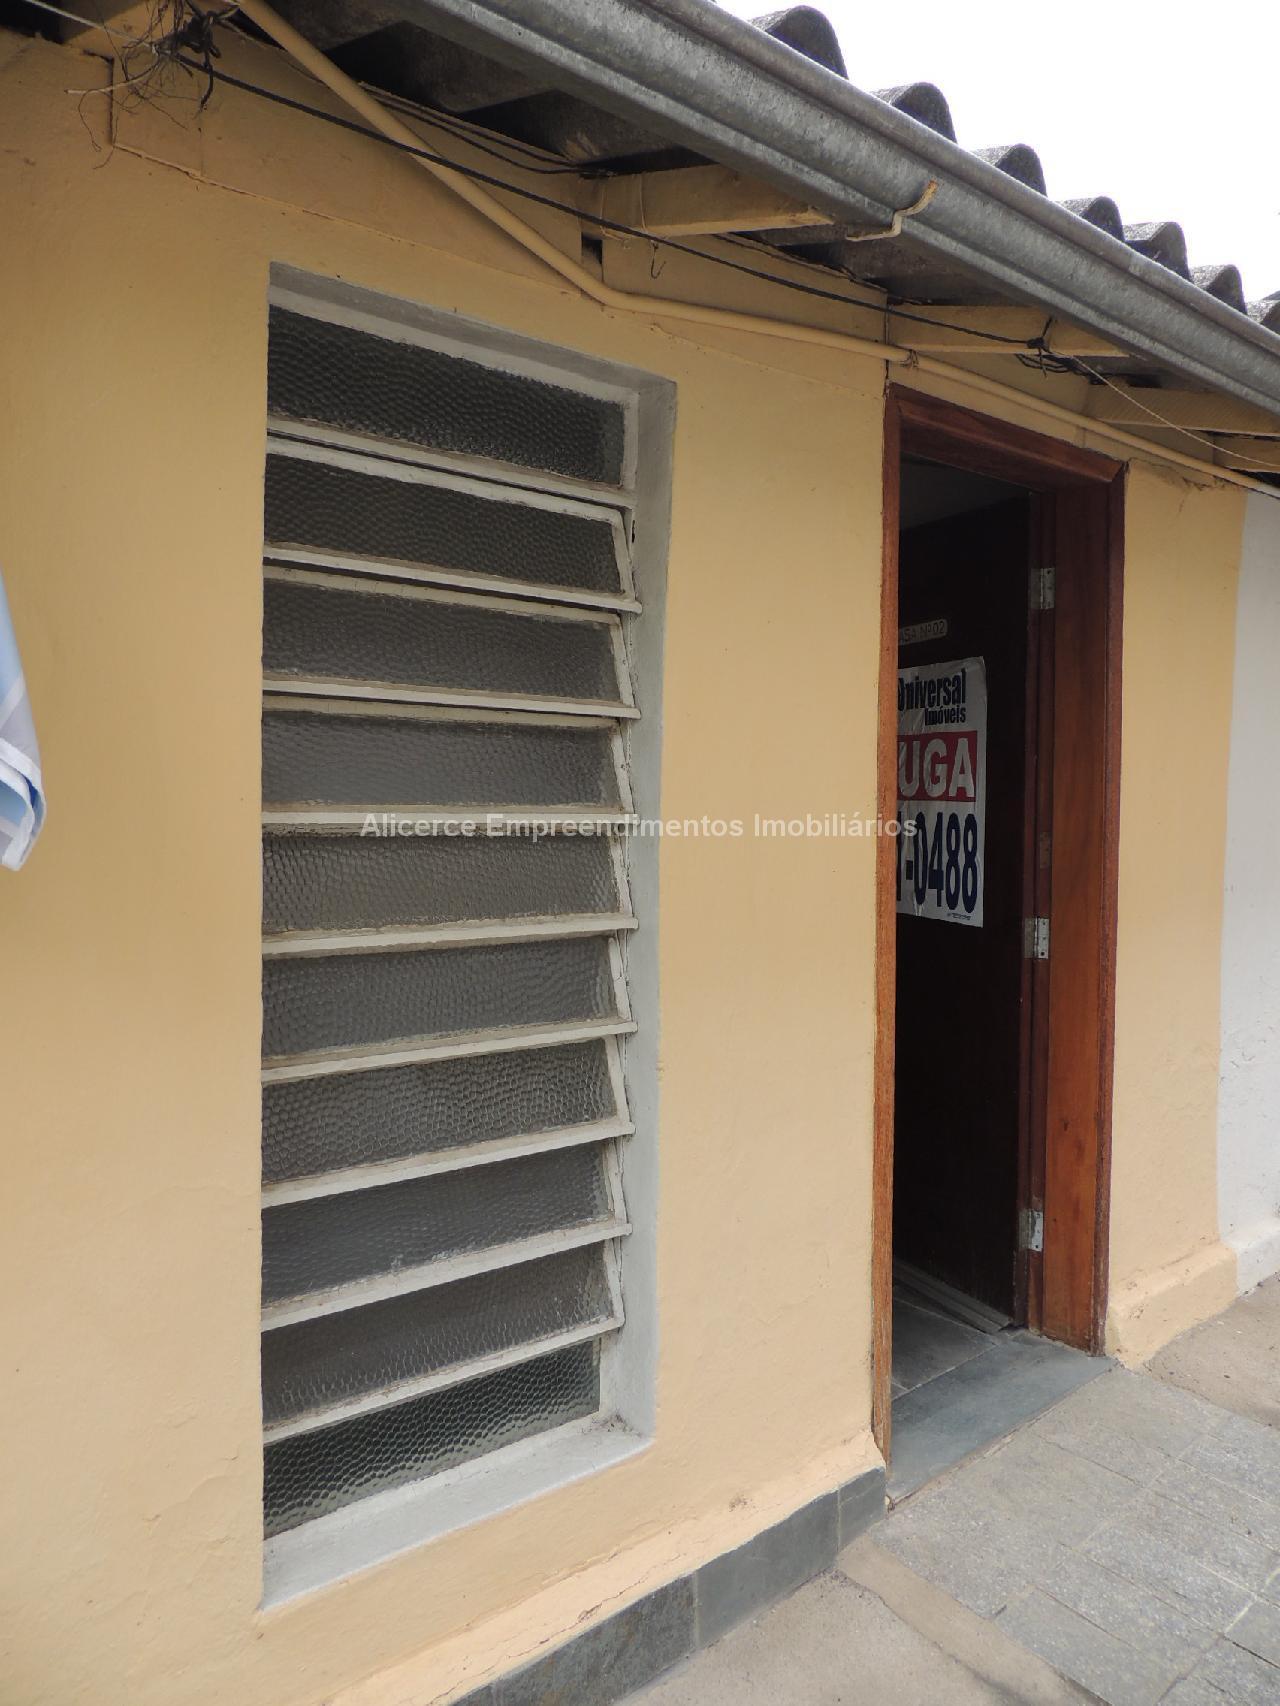 Ref.: 6052 - Casa 1 qto - Dom Bosco